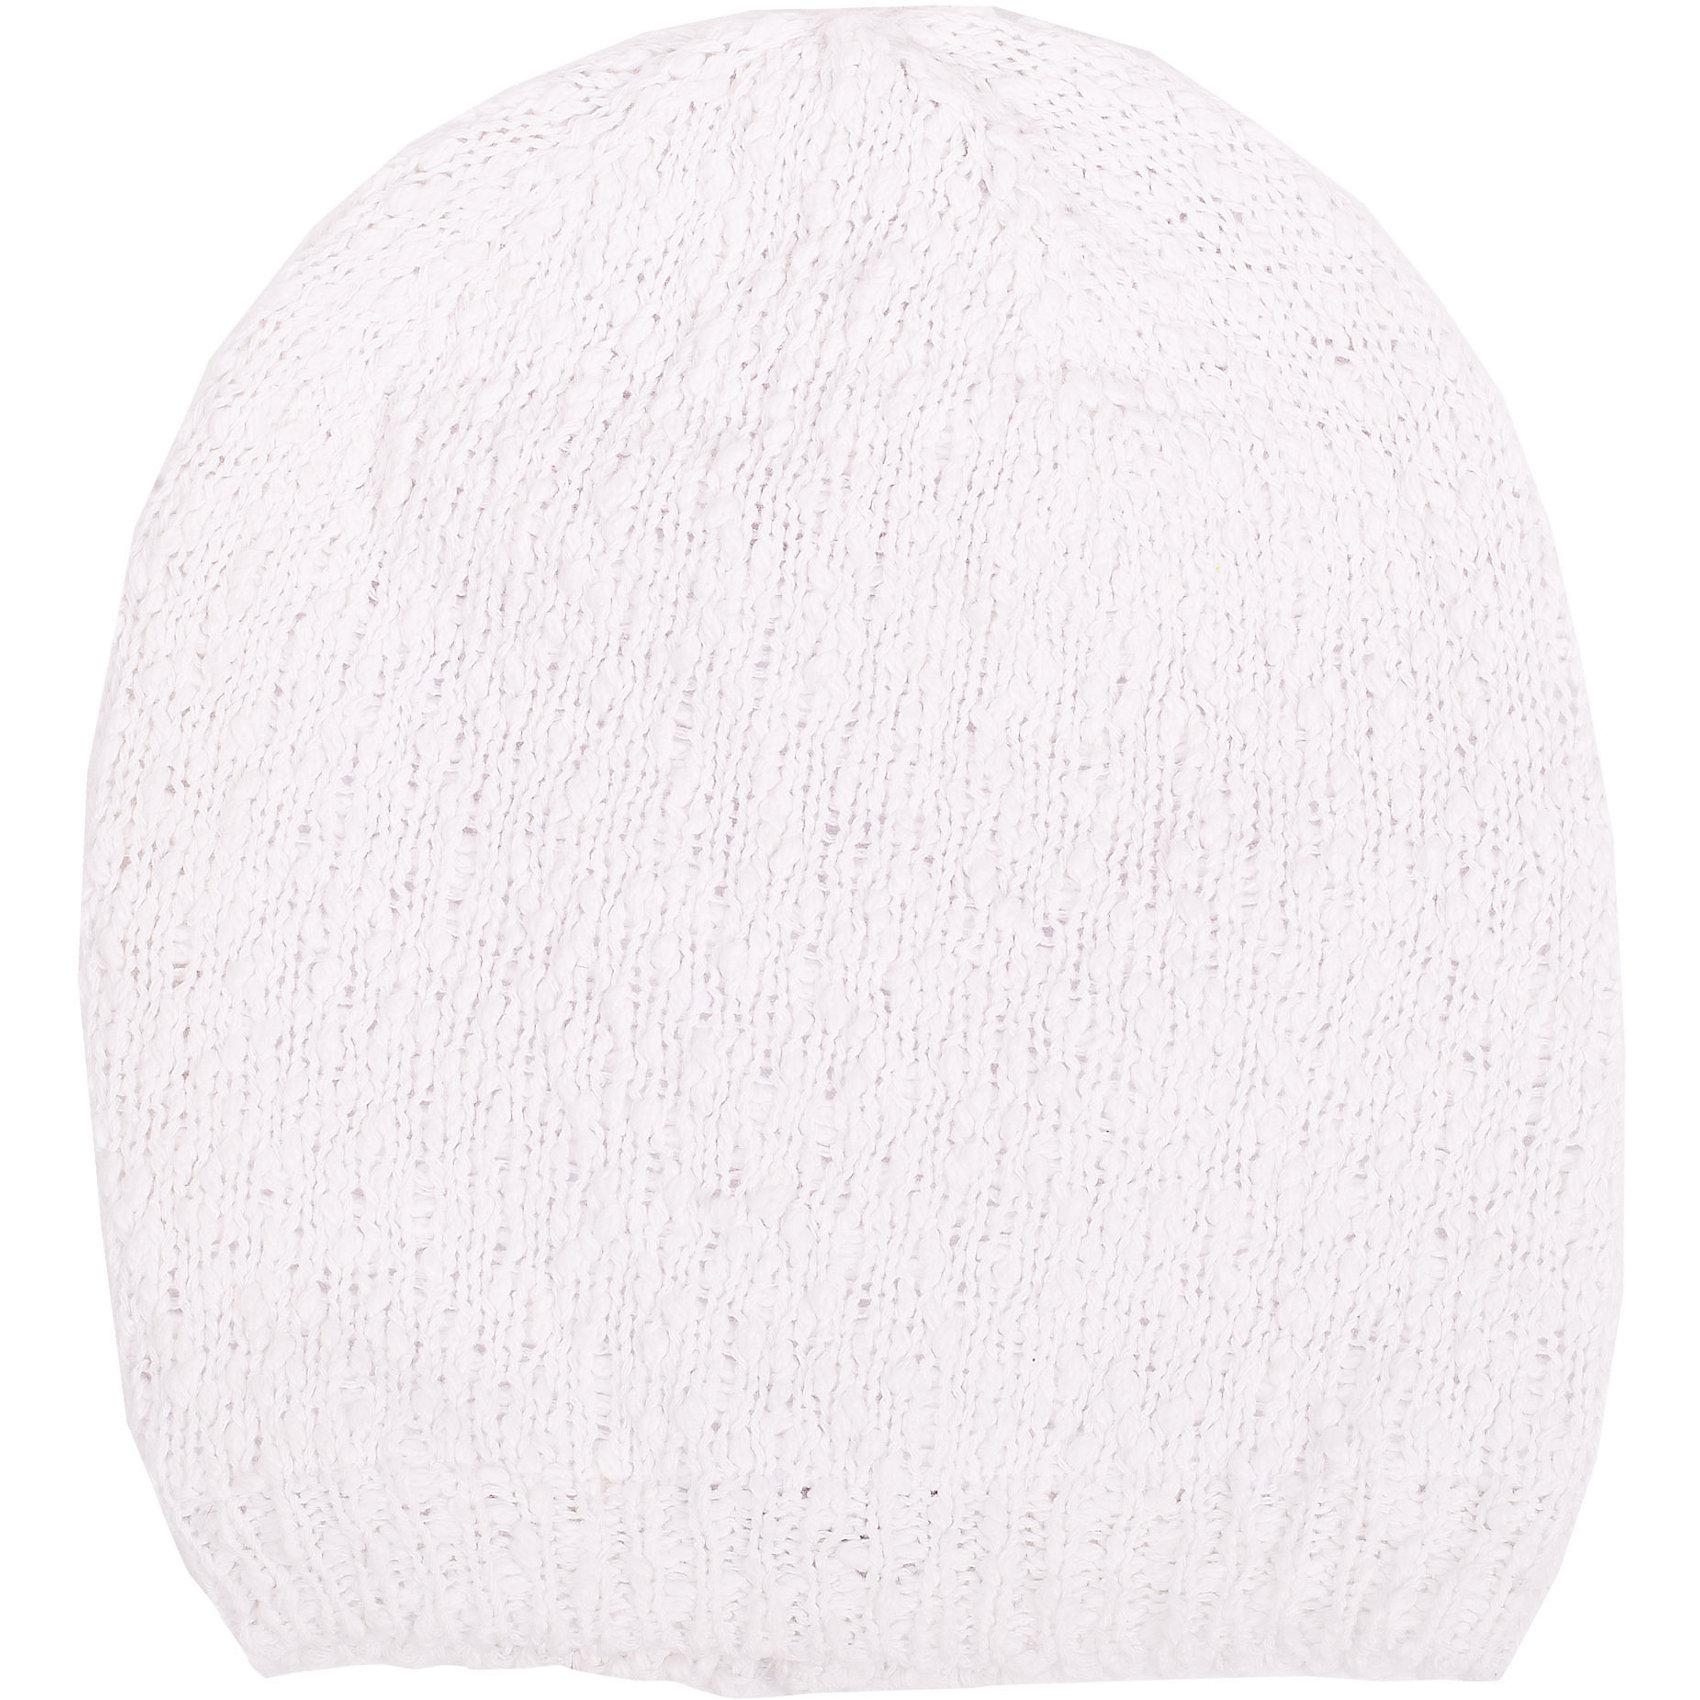 Шапка для девочки GulliverМодные вязаные шапки весной 2016 вновь обещают быть объемными! Белая шапка красиво завершает образ, делая его новым, свежим, интересным. Вязаная шапка на трикотажной подкладке выполнена из особой пряжи узелковой структуры, придающей изделию индивидуальность. Словом, если вам нужна стильная вязаная шапка для весенней погоды, выбор этой модели абсолютно оправдан!<br>Состав:<br>верх:               100% хлопок; подкладка:           95% хлопок    5% эластан<br><br>Ширина мм: 89<br>Глубина мм: 117<br>Высота мм: 44<br>Вес г: 155<br>Цвет: белый<br>Возраст от месяцев: 48<br>Возраст до месяцев: 60<br>Пол: Женский<br>Возраст: Детский<br>Размер: 52,50<br>SKU: 4534562